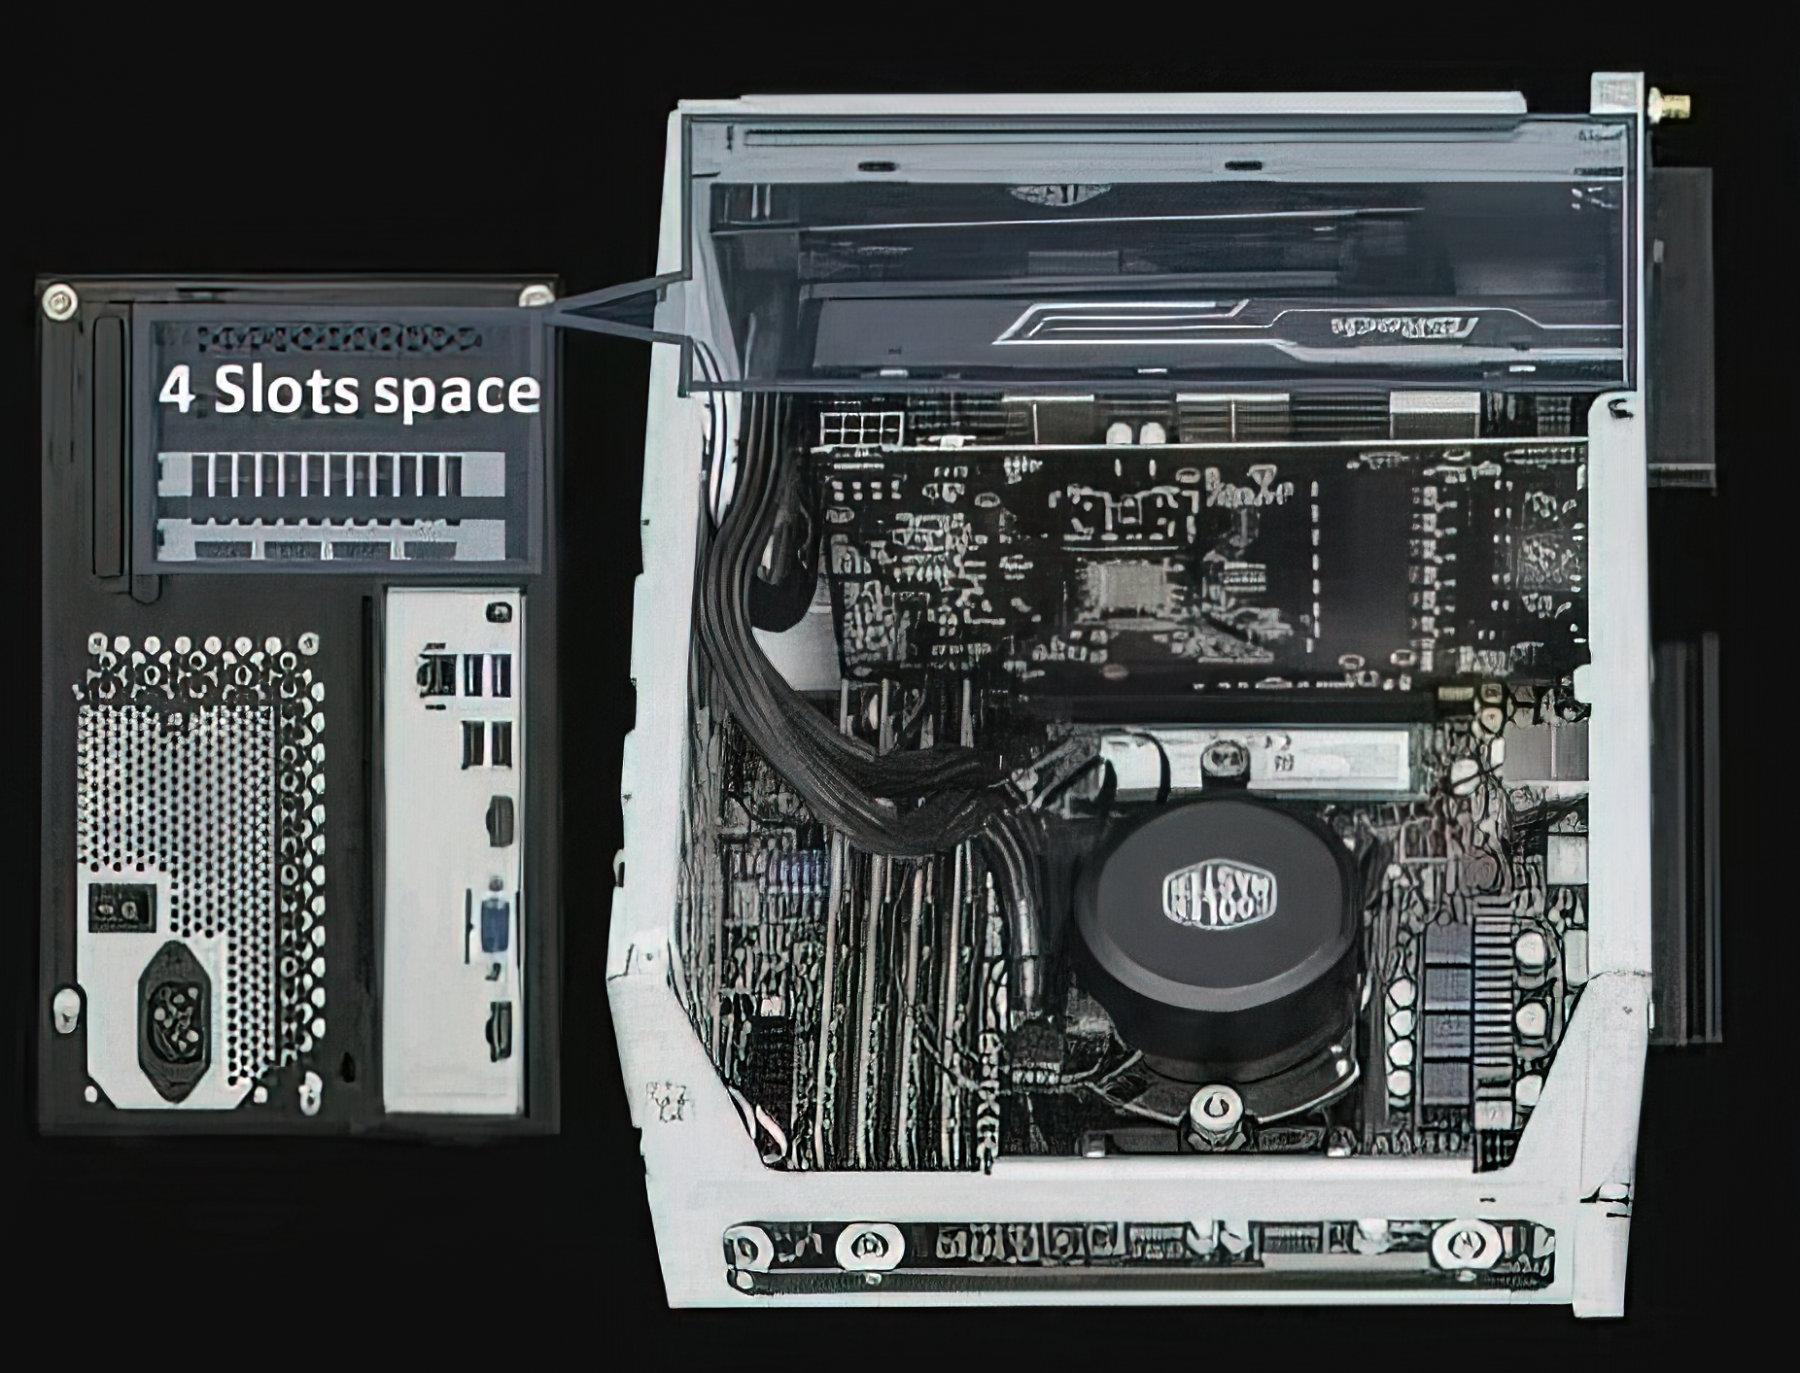 По време на виртуалното изложение компанията ASRock представи компактния персонален